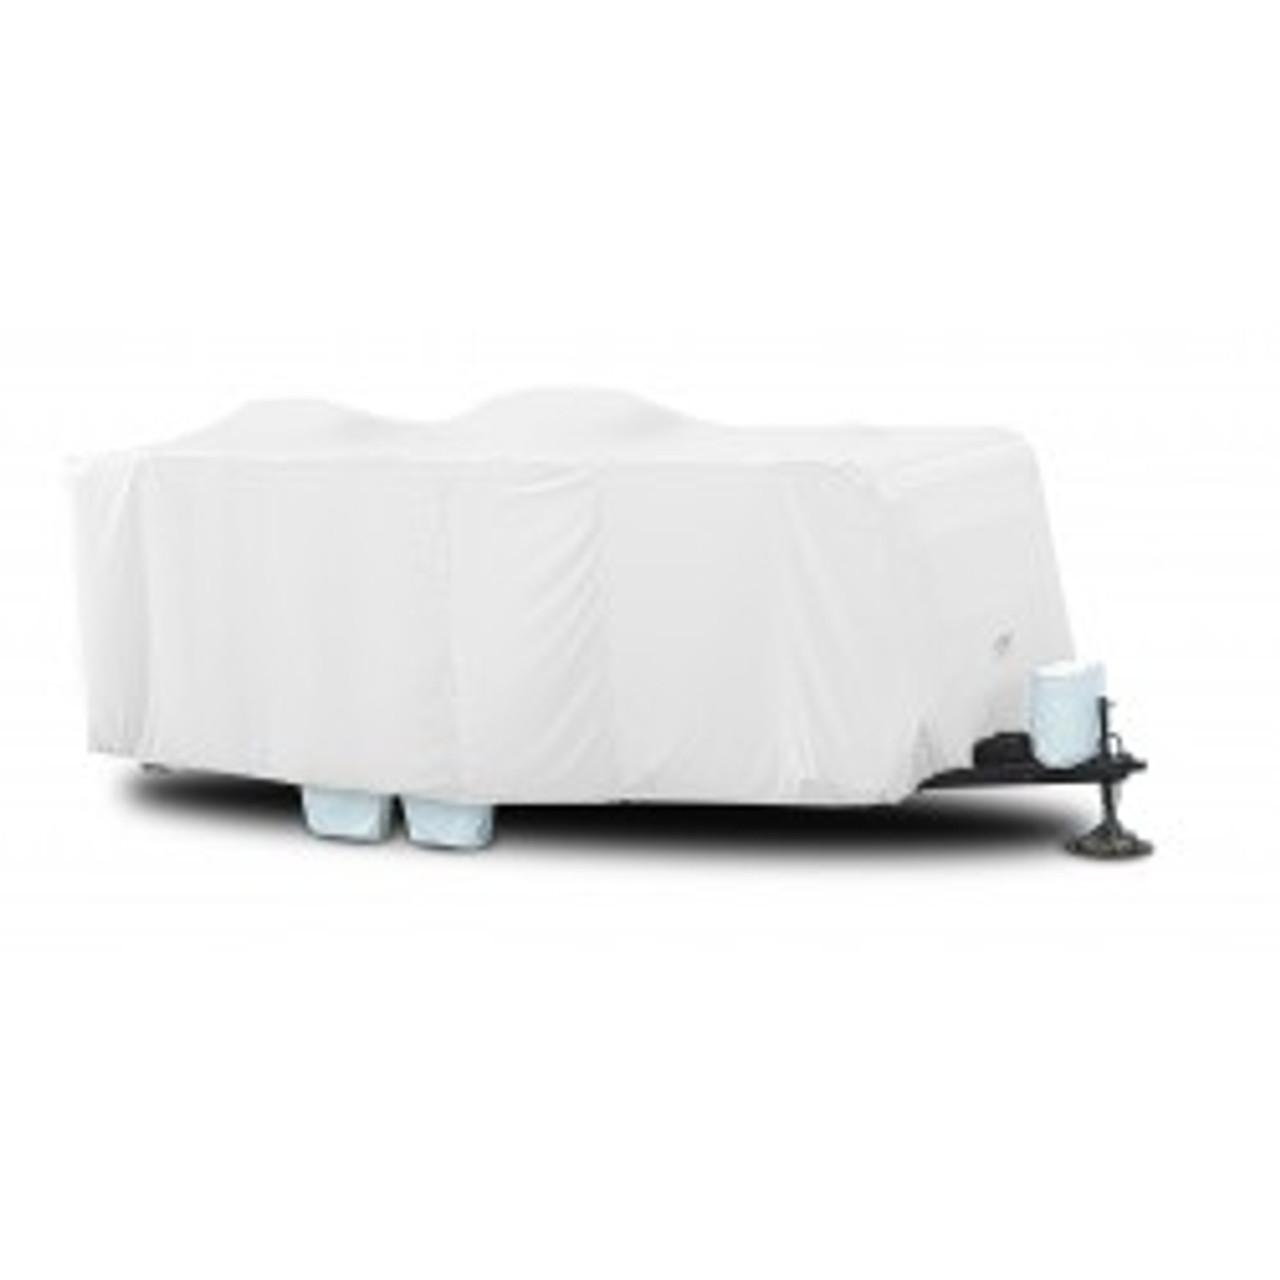 Tyvek RV Custom-Fit Covers for Travel Trailer